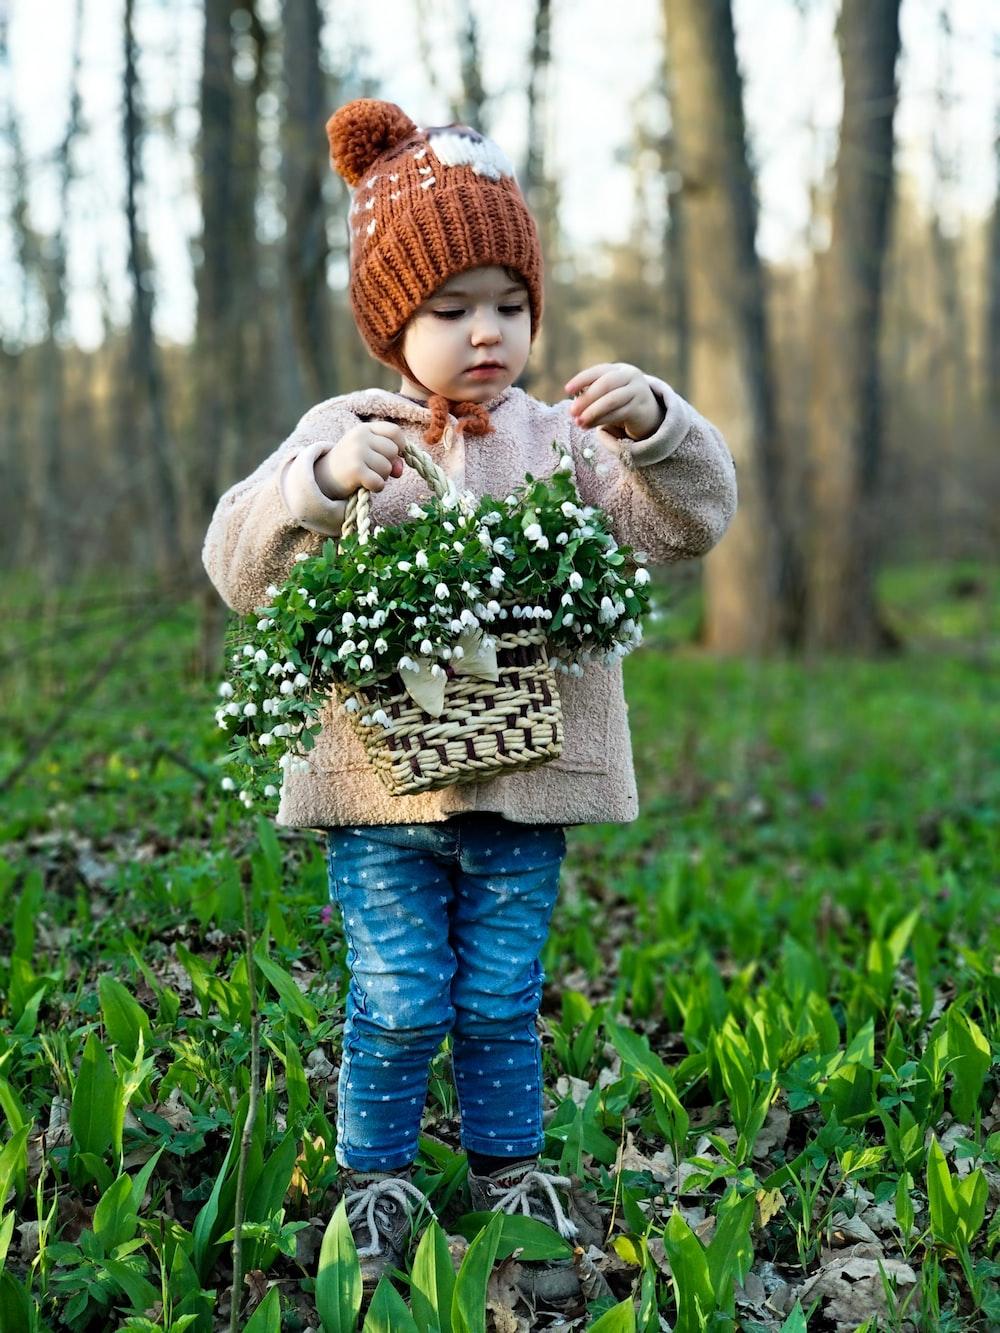 Flower Basket Pictures Download Free Images On Unsplash